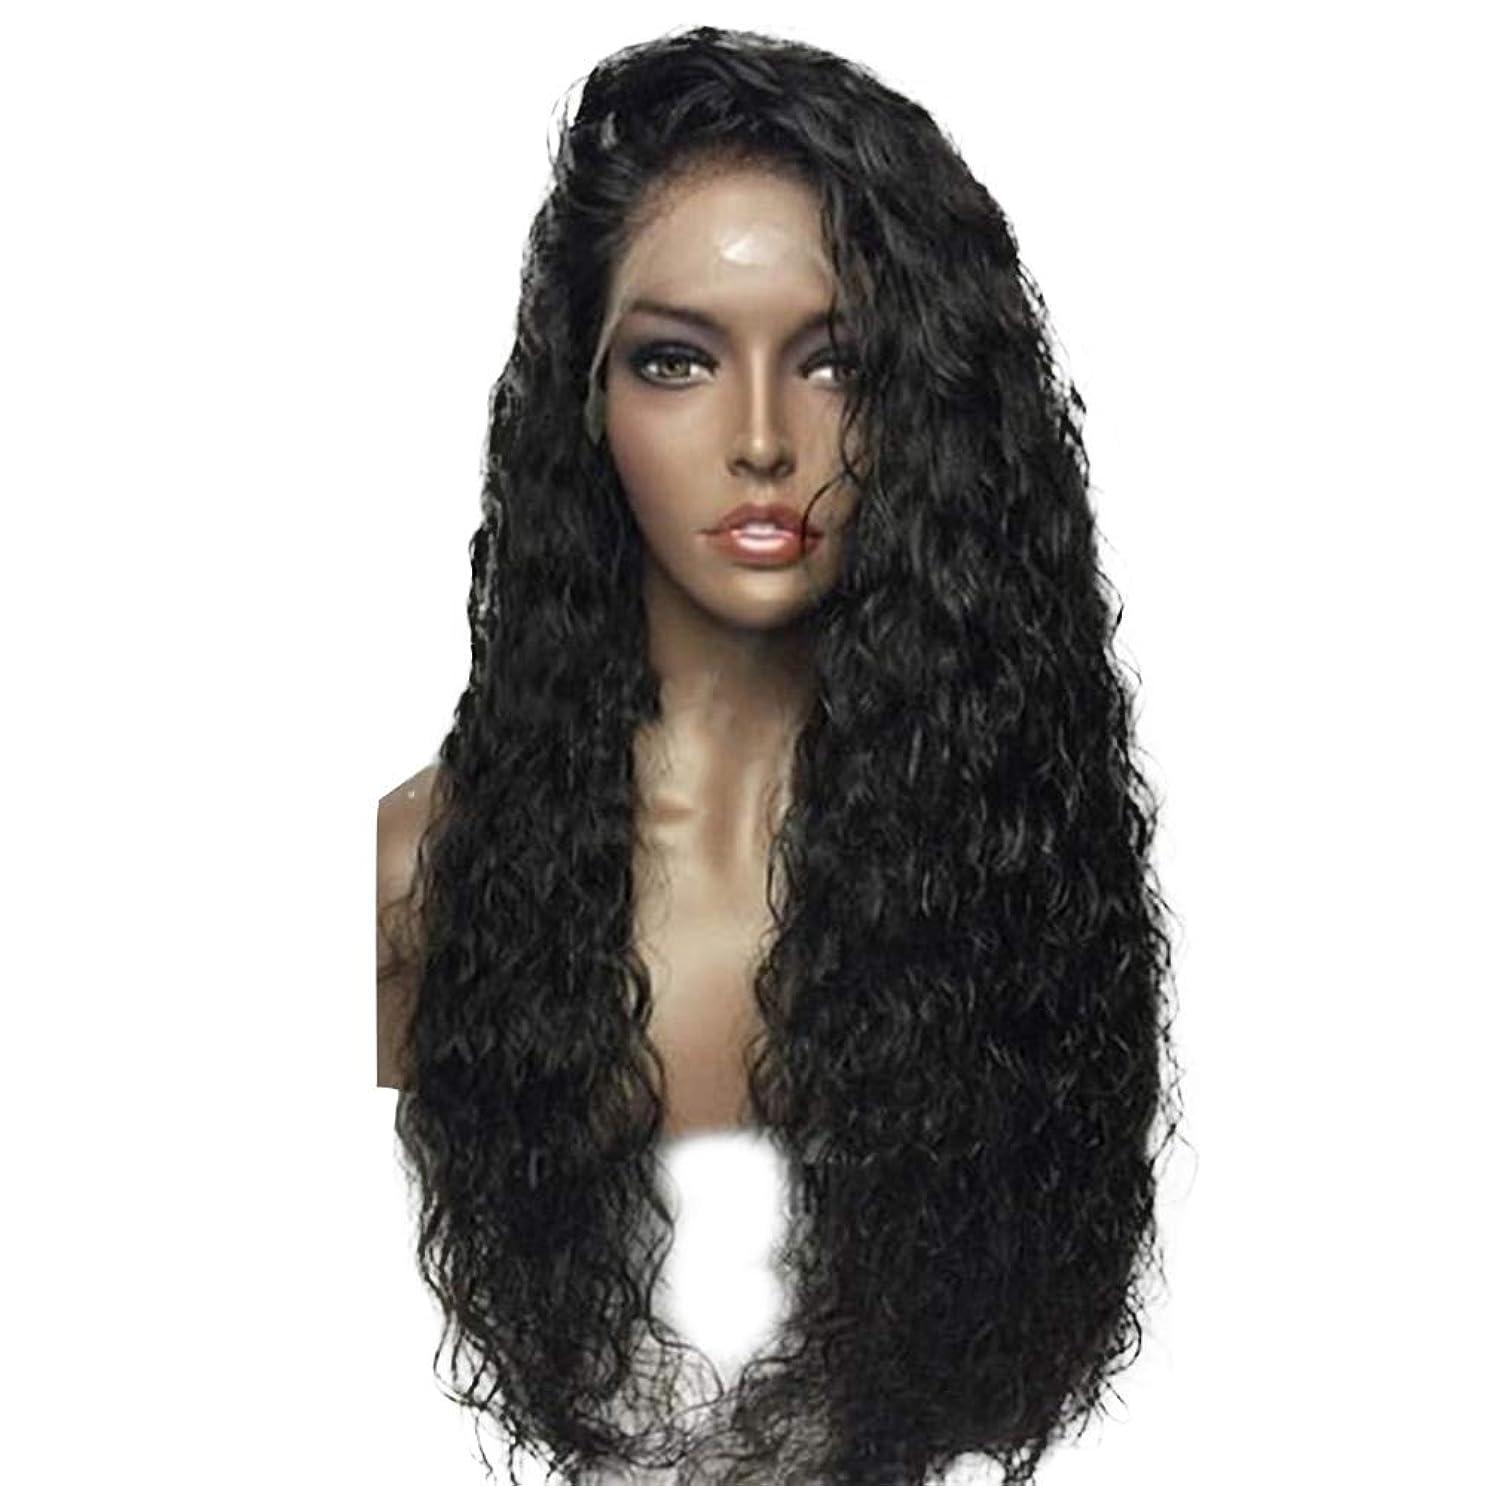 インク生き残りますスペル黒人女性のための黒のかつら、長い黒のかつらピンクのレースのかつらスモールウェーブヘアウィッグファッションナチュラルヘアとして毎日自然なパーティーコスプレコスチュームウィッグ